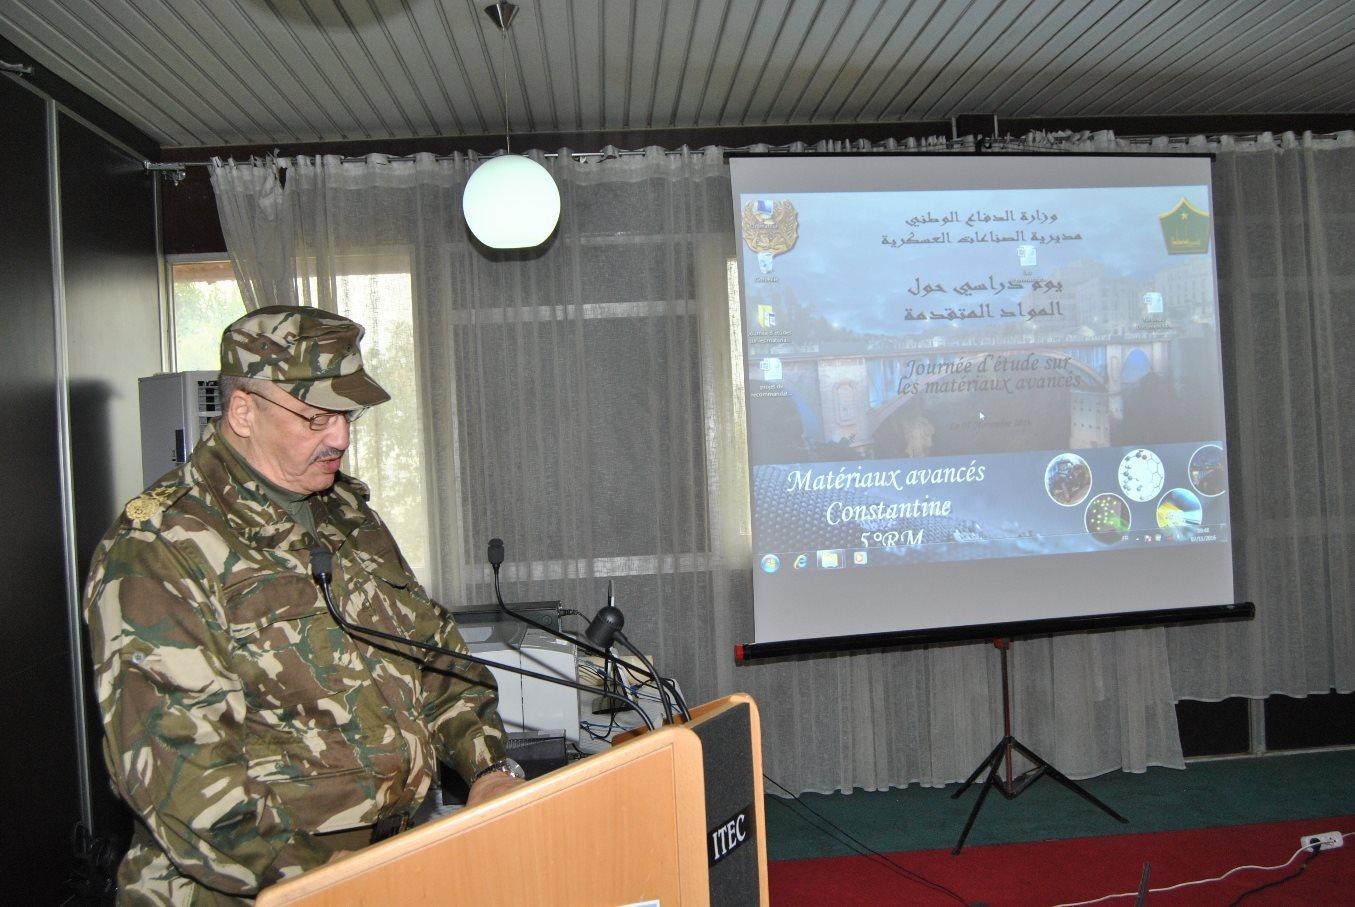 الجزائر : صلاحيات نائب وزير الدفاع الوطني - صفحة 5 30212293564_7f631d24d5_o